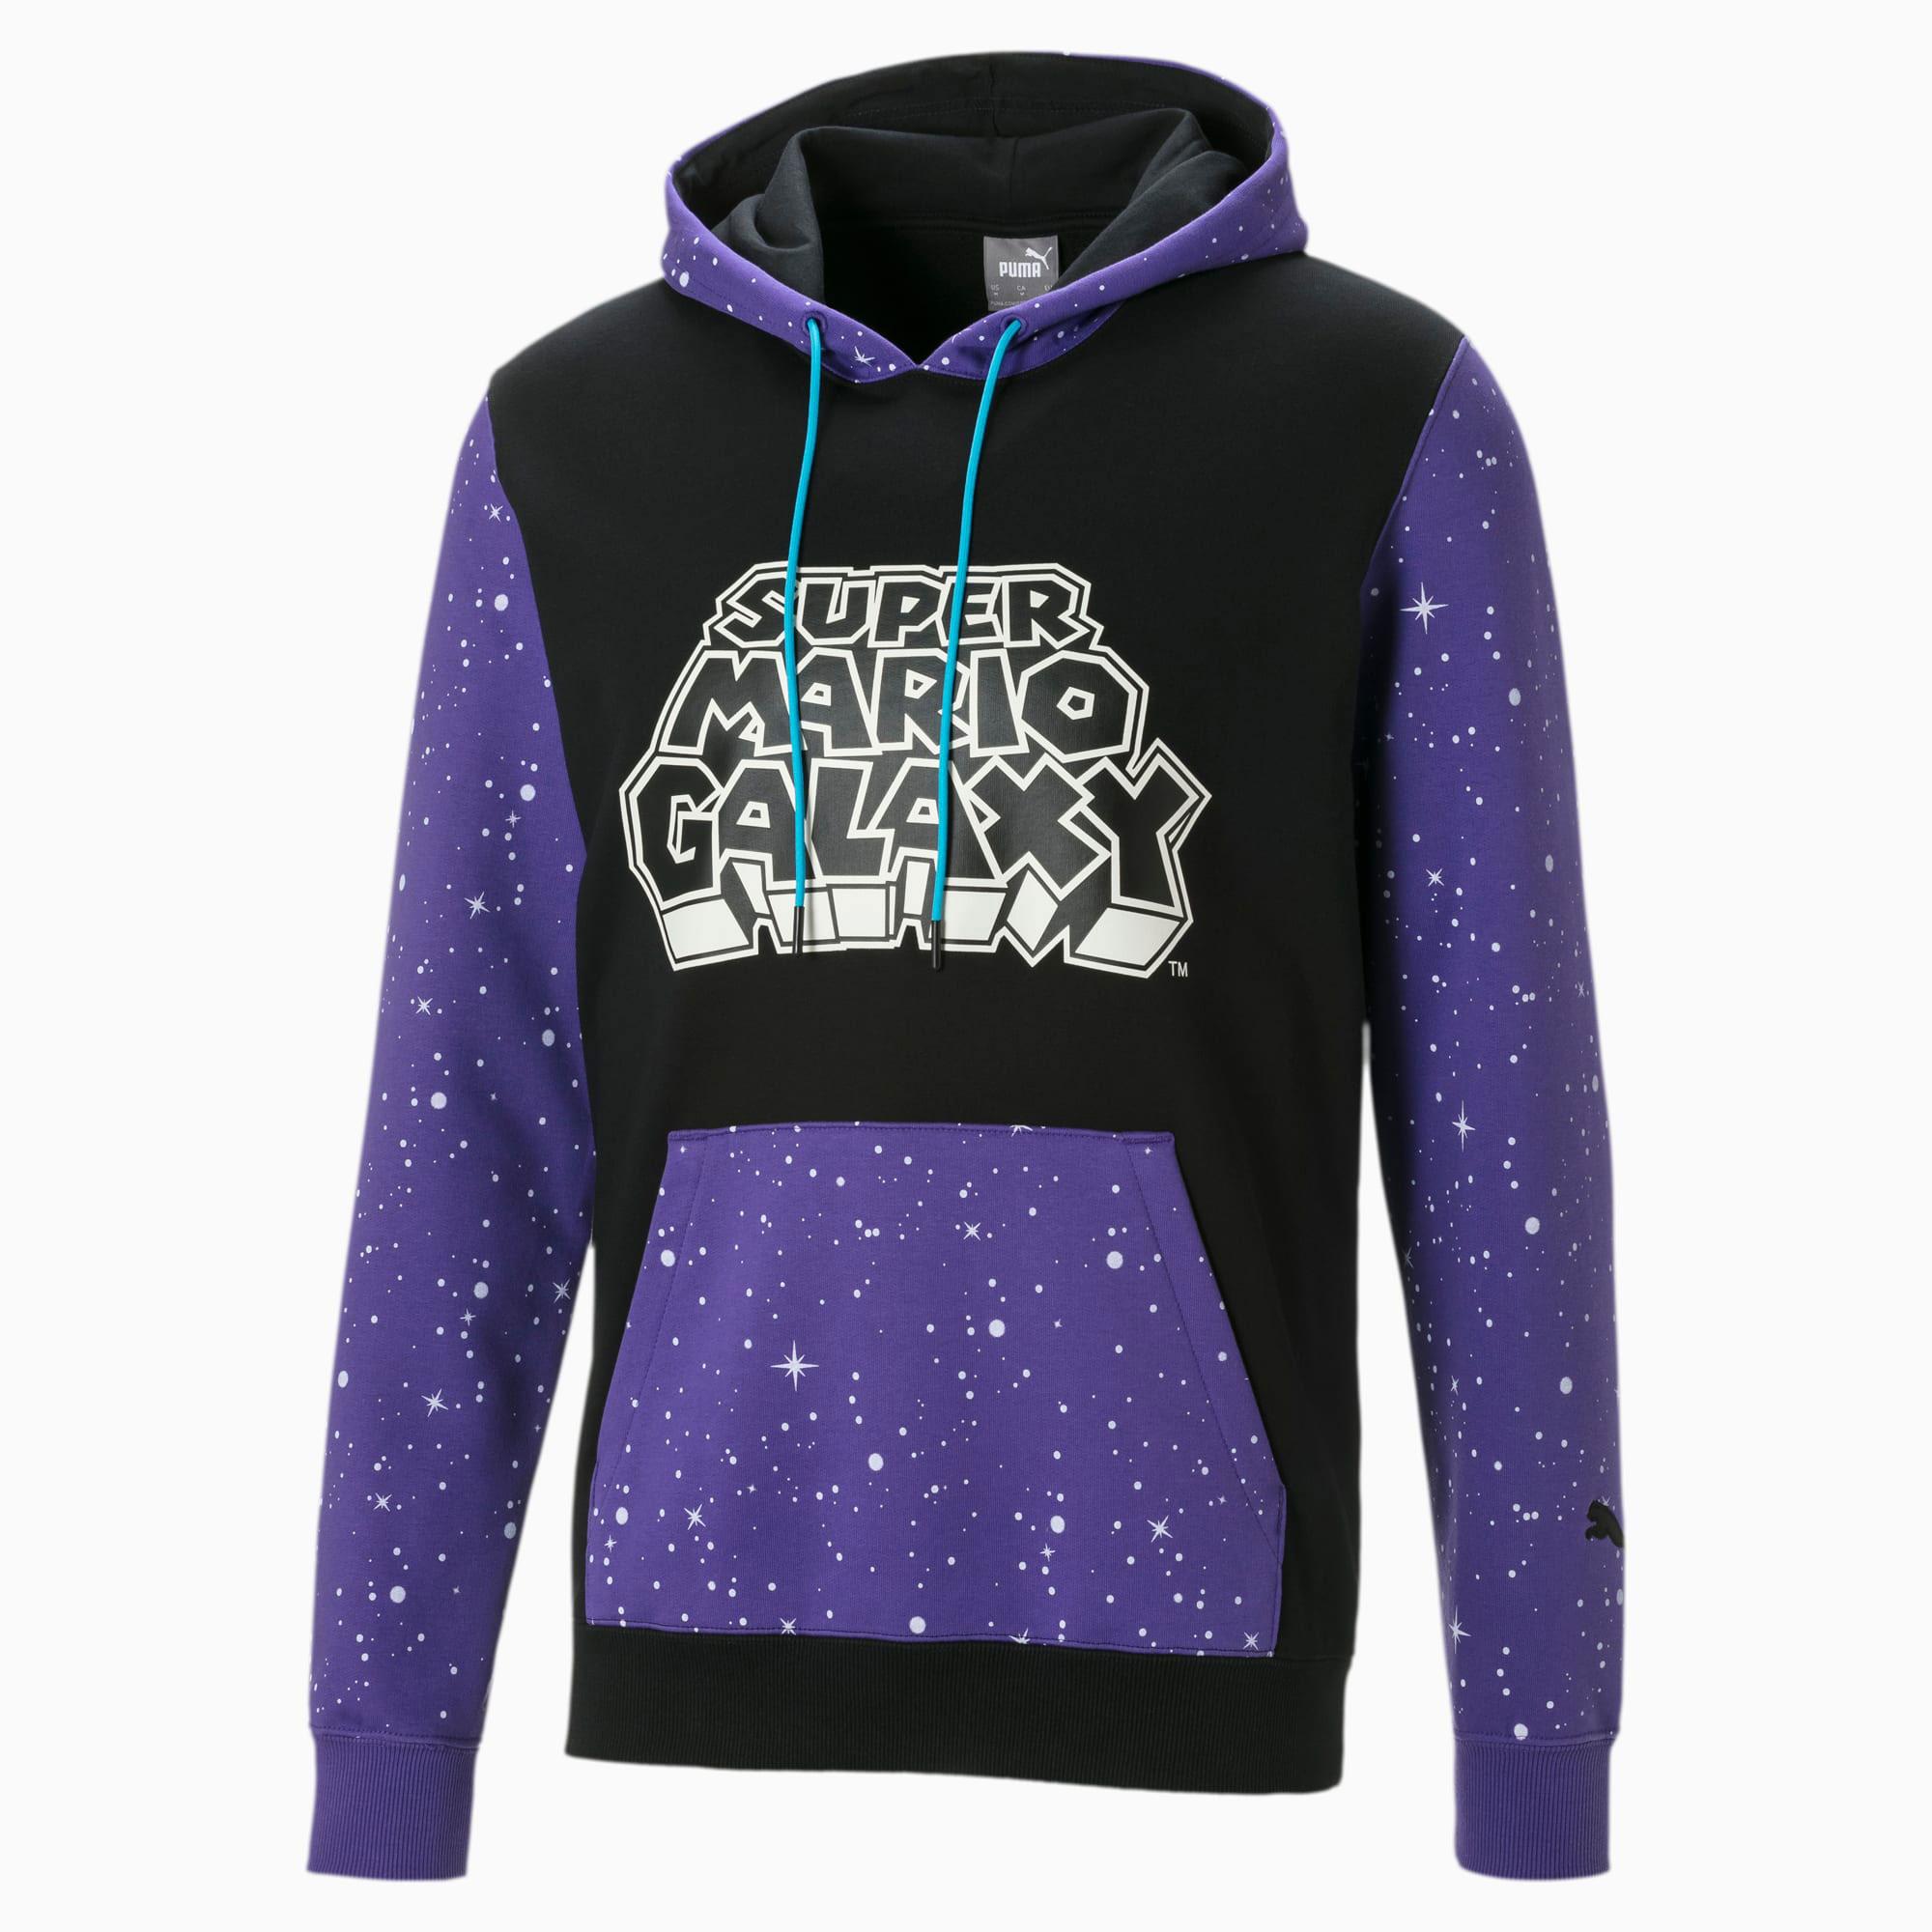 puma-super-mario-galaxy-nintendo-hoodie